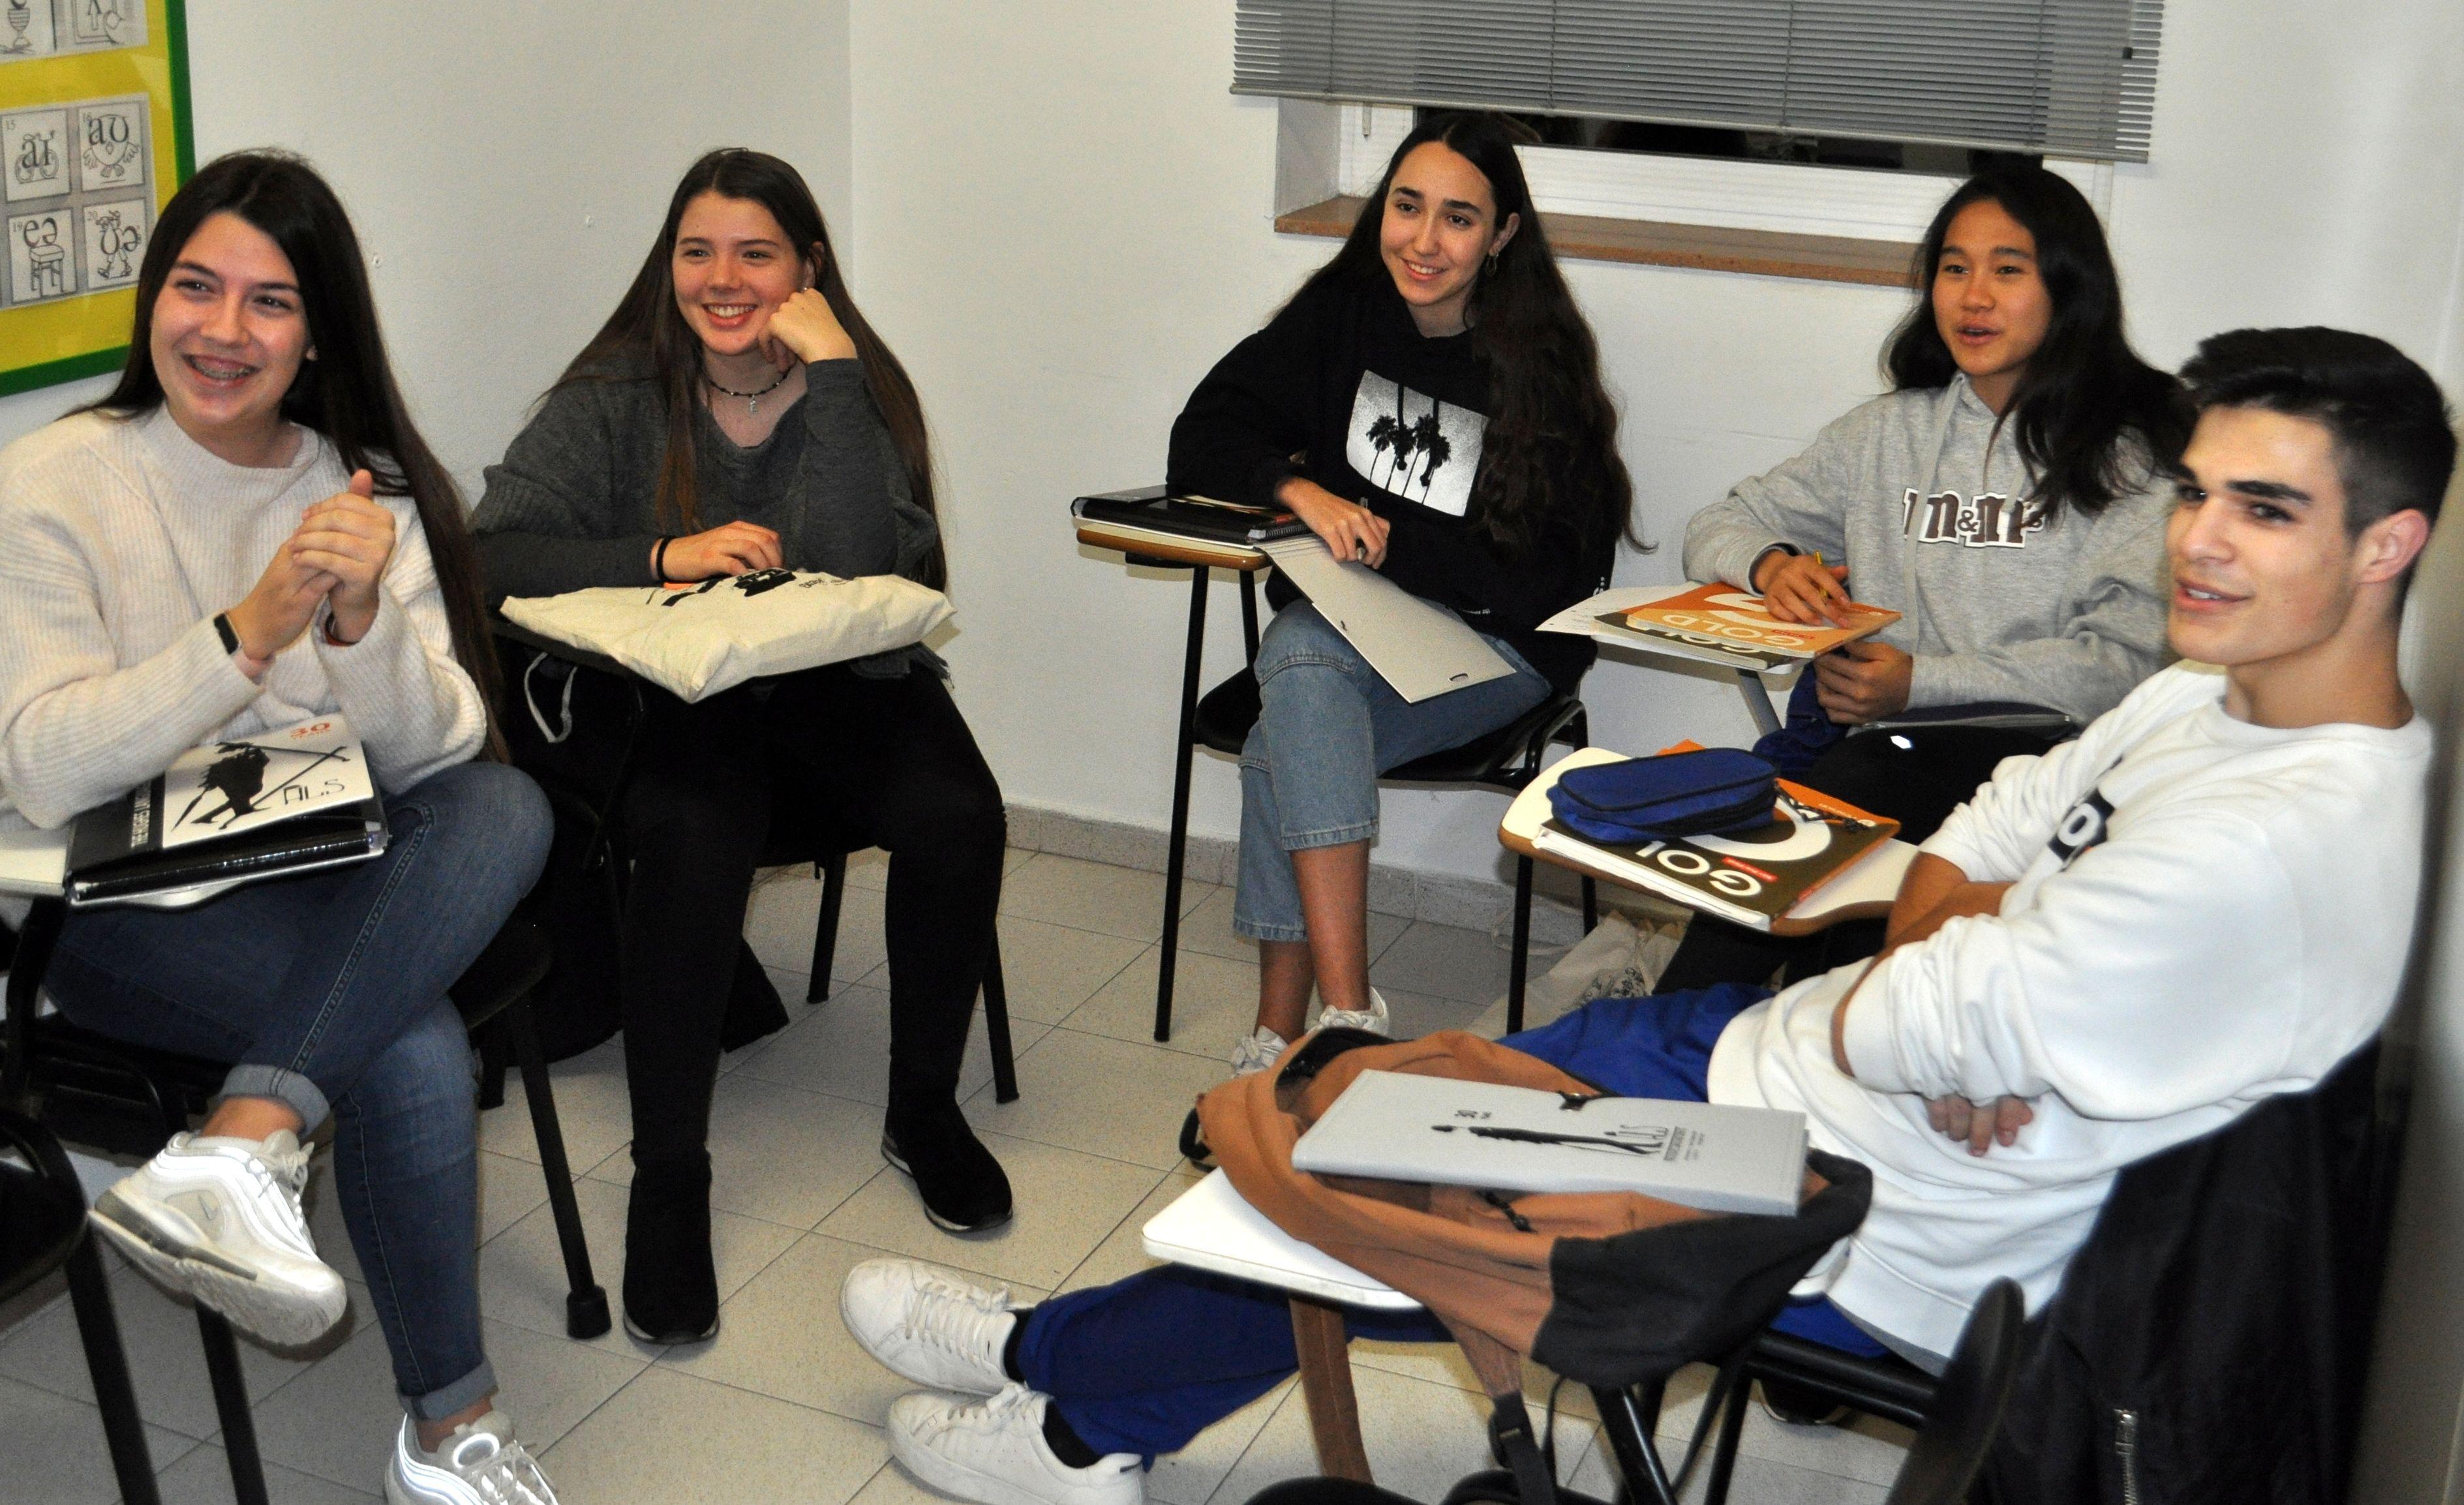 Clases de inglés para jóvenes en Vilassar de Mar